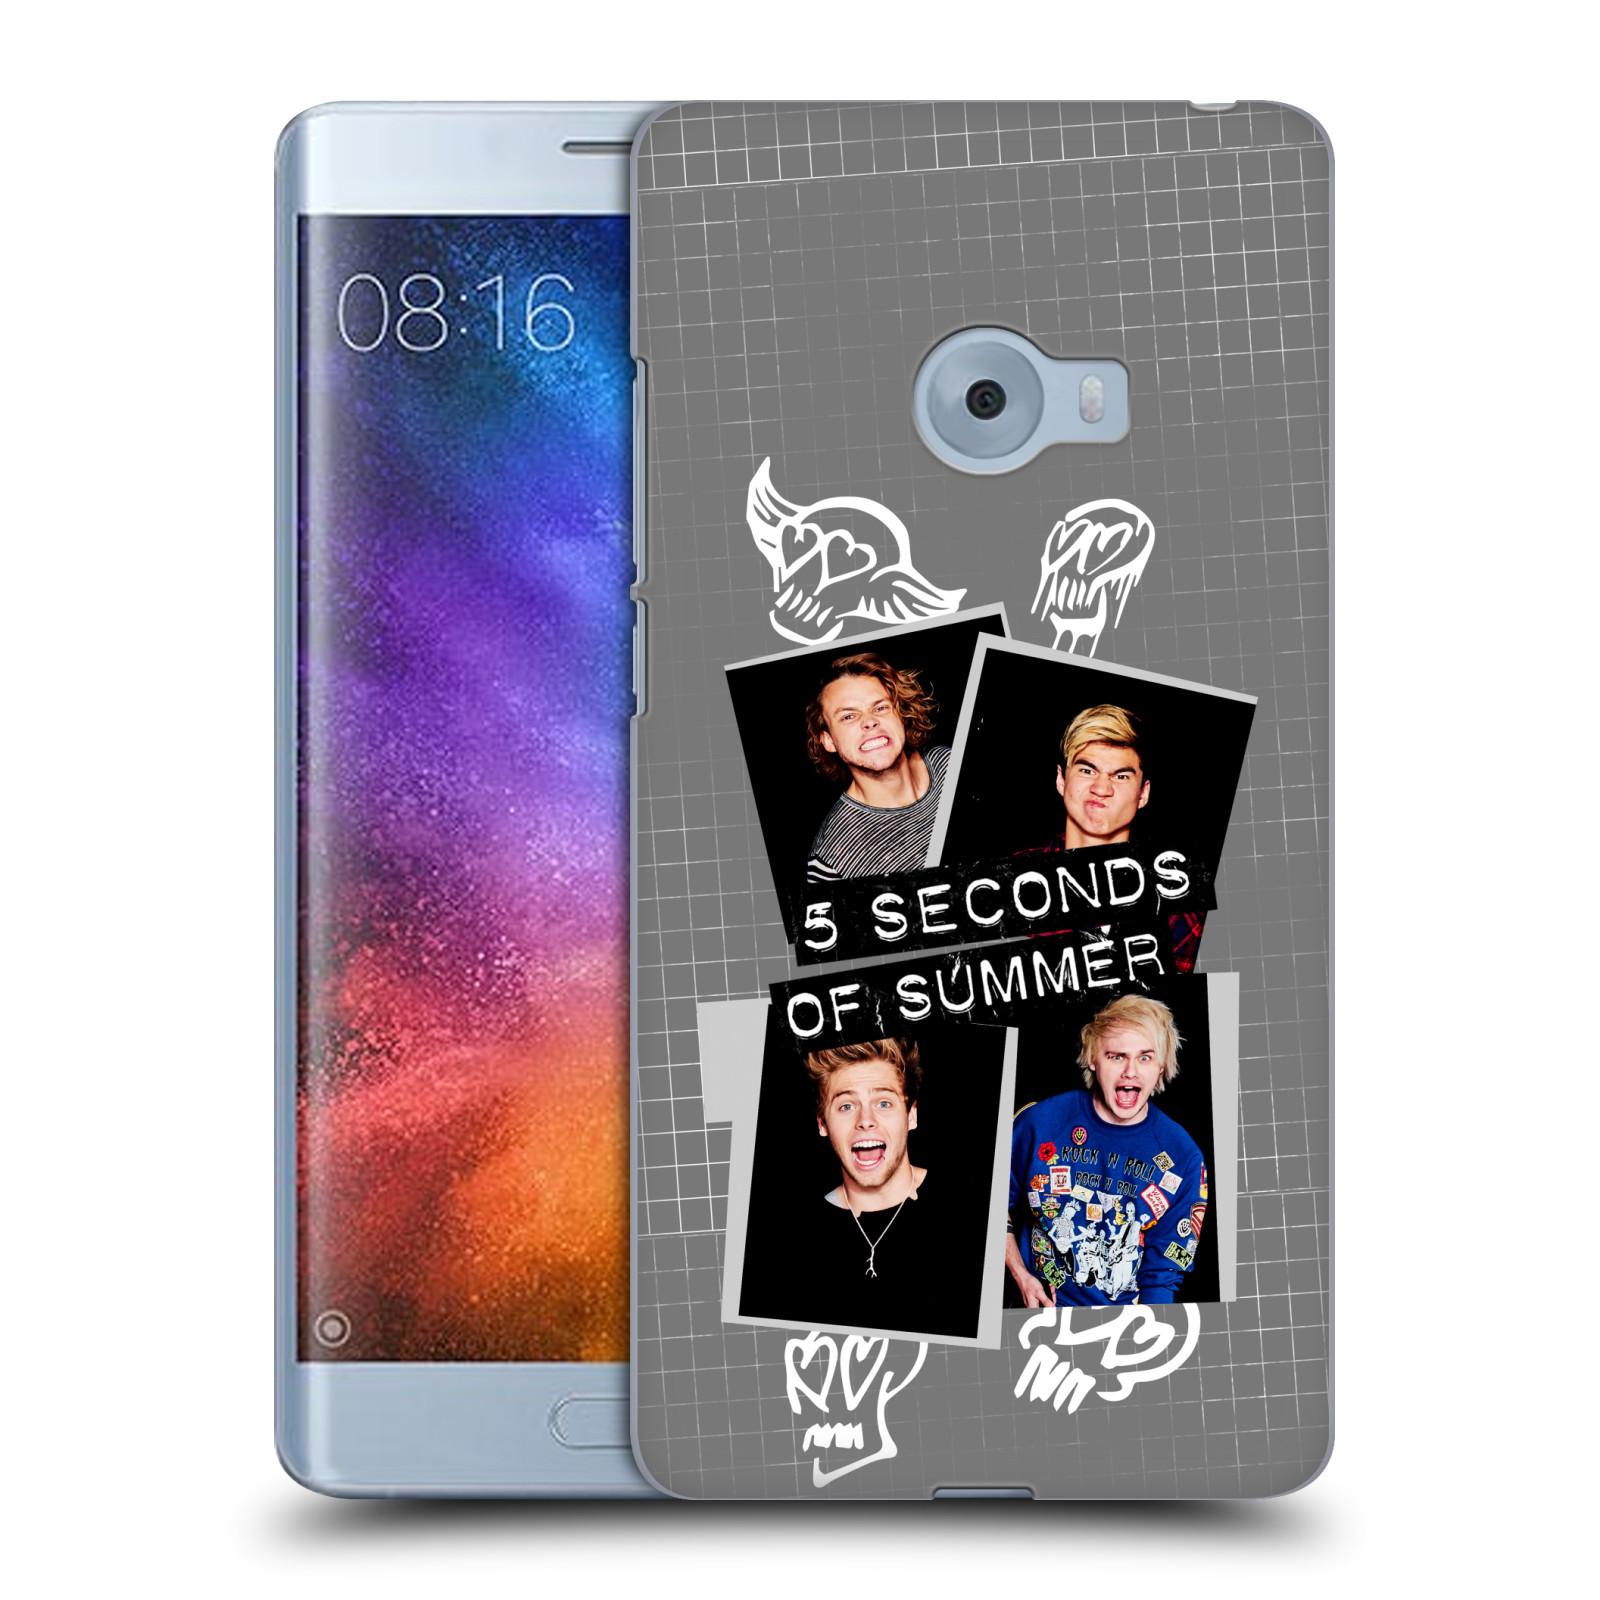 Plastové pouzdro na mobil Xiaomi Mi Note 2 - Head Case 5 Seconds of Summer - Band Grey (Plastový kryt či obal na mobilní telefon licencovaným motivem 5 Seconds of Summer pro Xiaomi Mi Note 2)